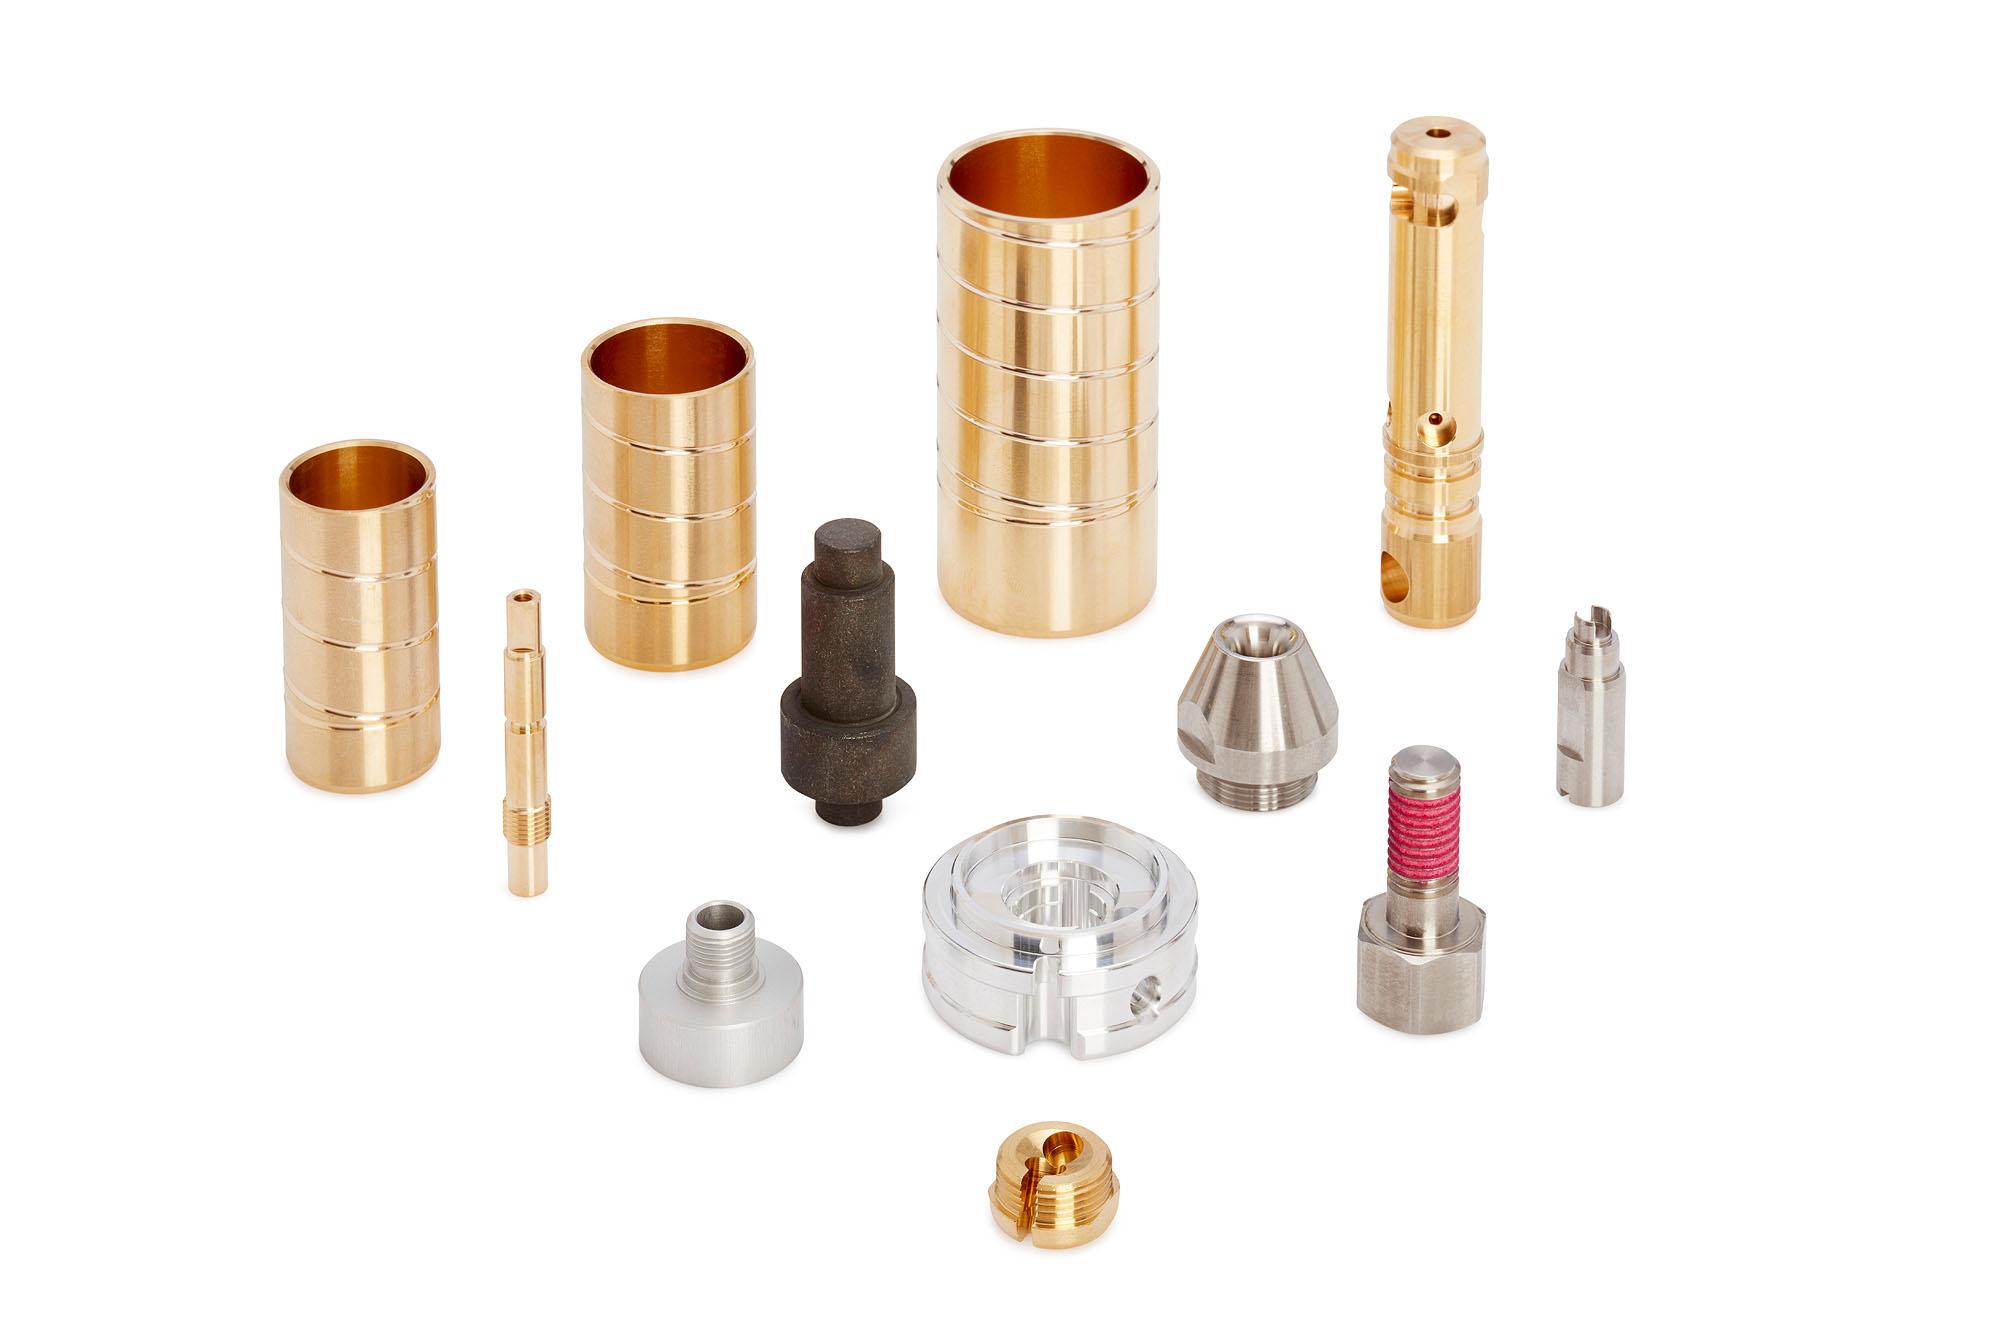 Abbildungen verschiedener Hydraulik-Bestandteile